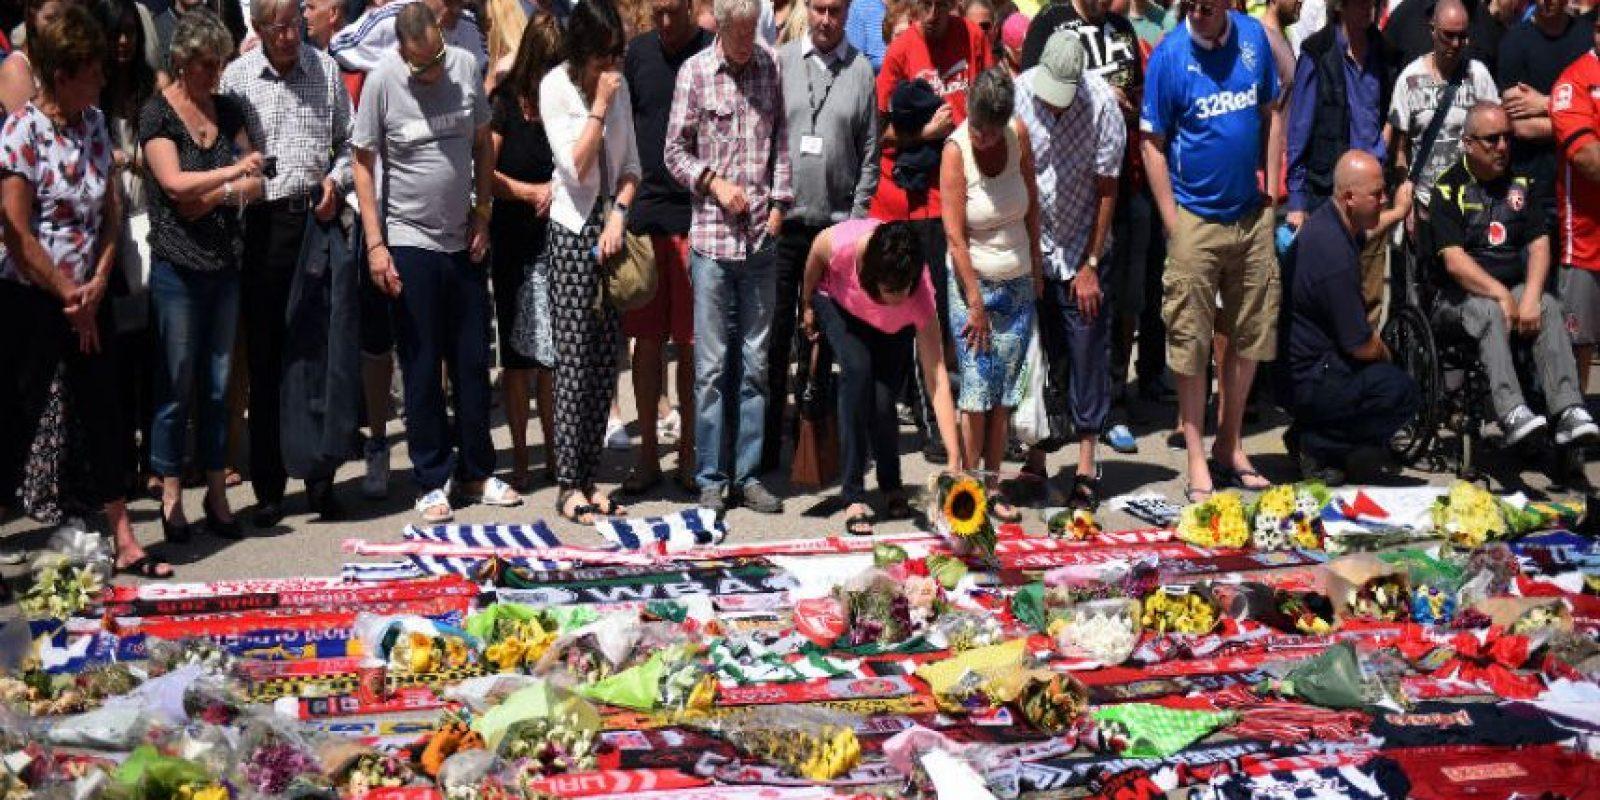 Las agencias turísticas también están colaborando para facilitar vuelos a la británicos que decidan irse de Túnez. Foto:AFP